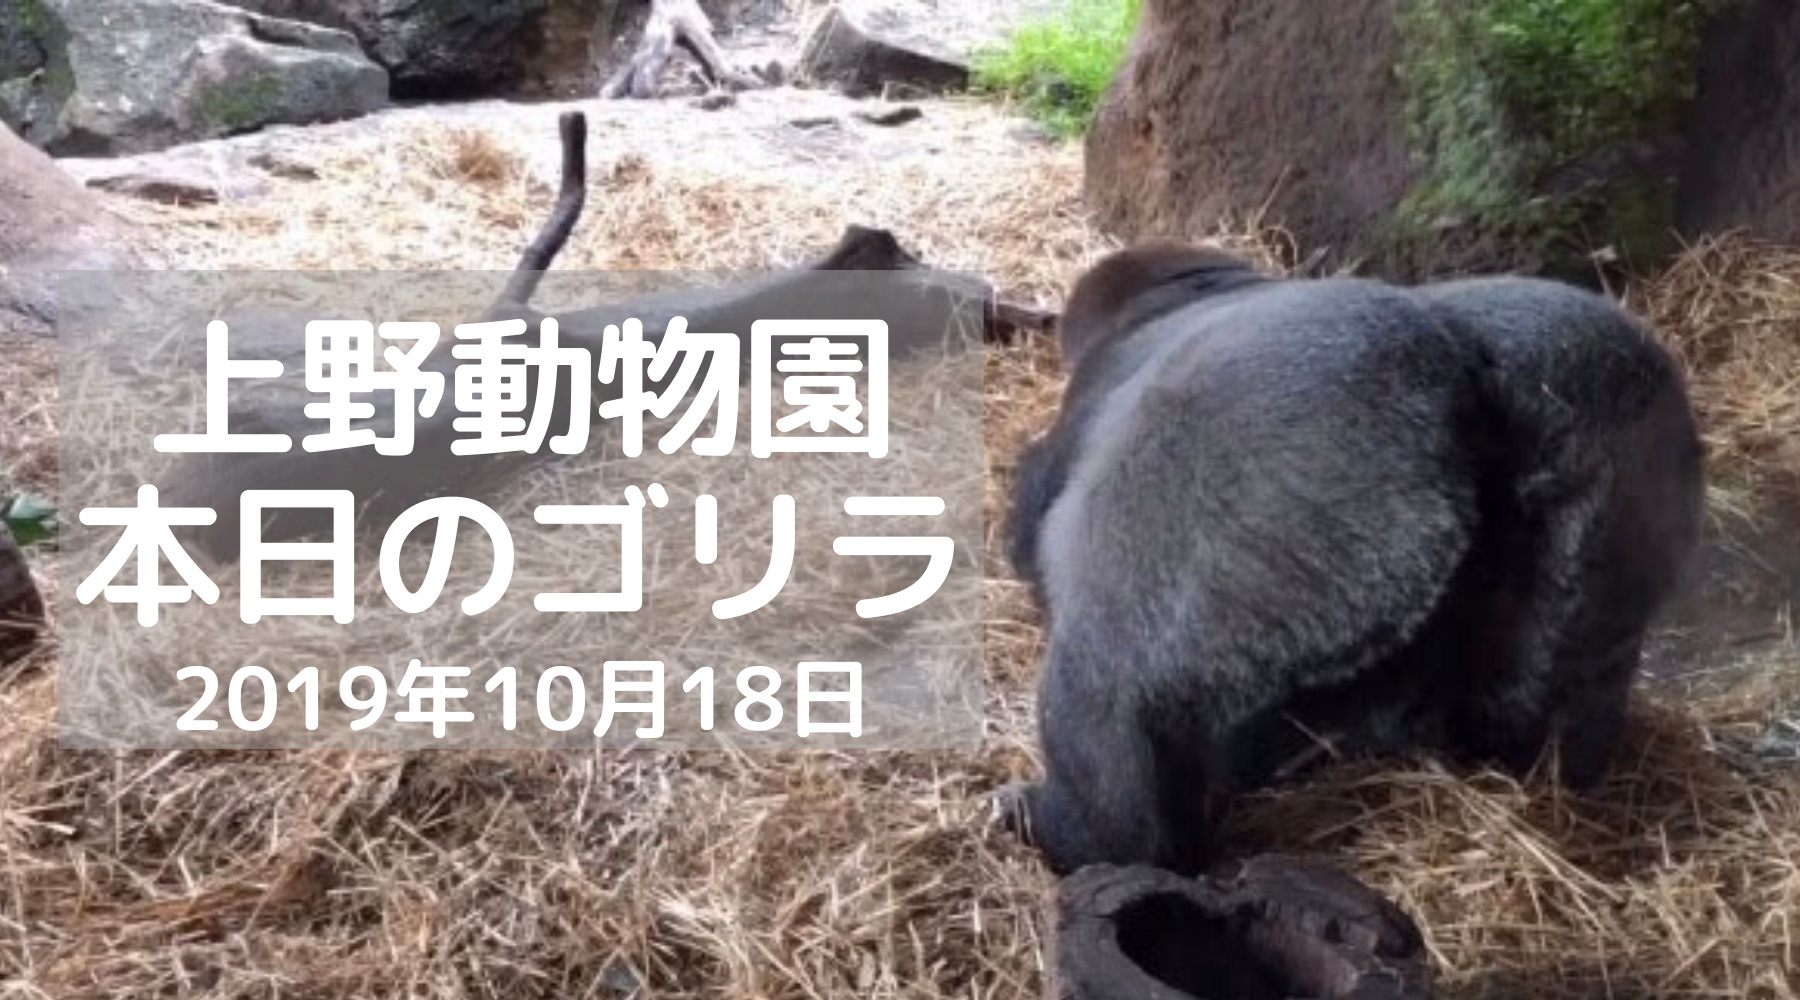 ゴリラ-上野動物園-20191018